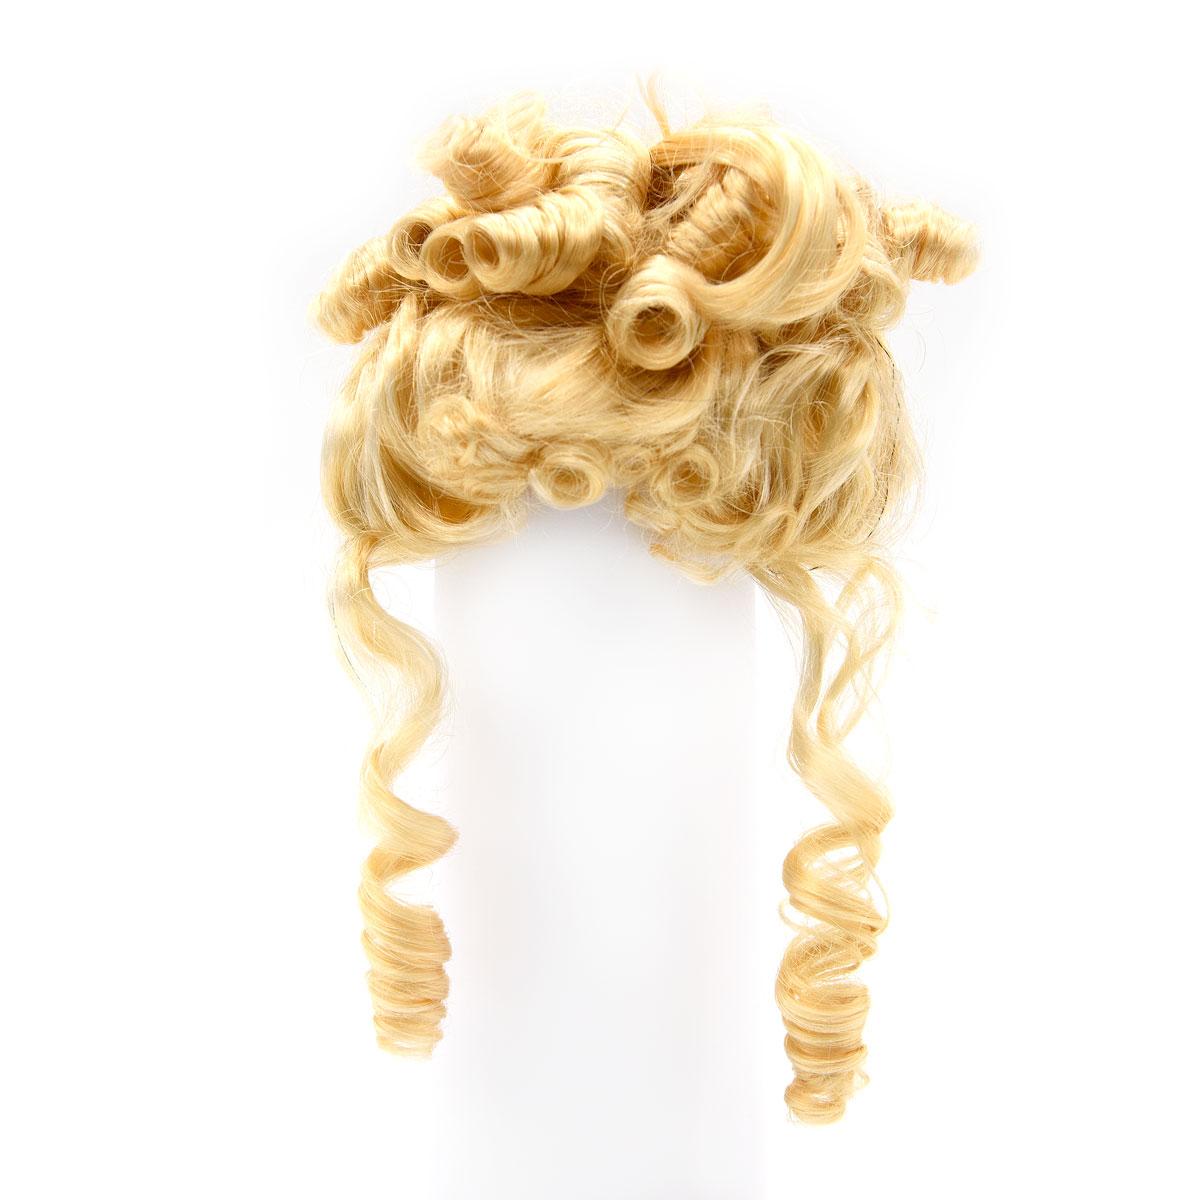 Волосы для кукол QS-13